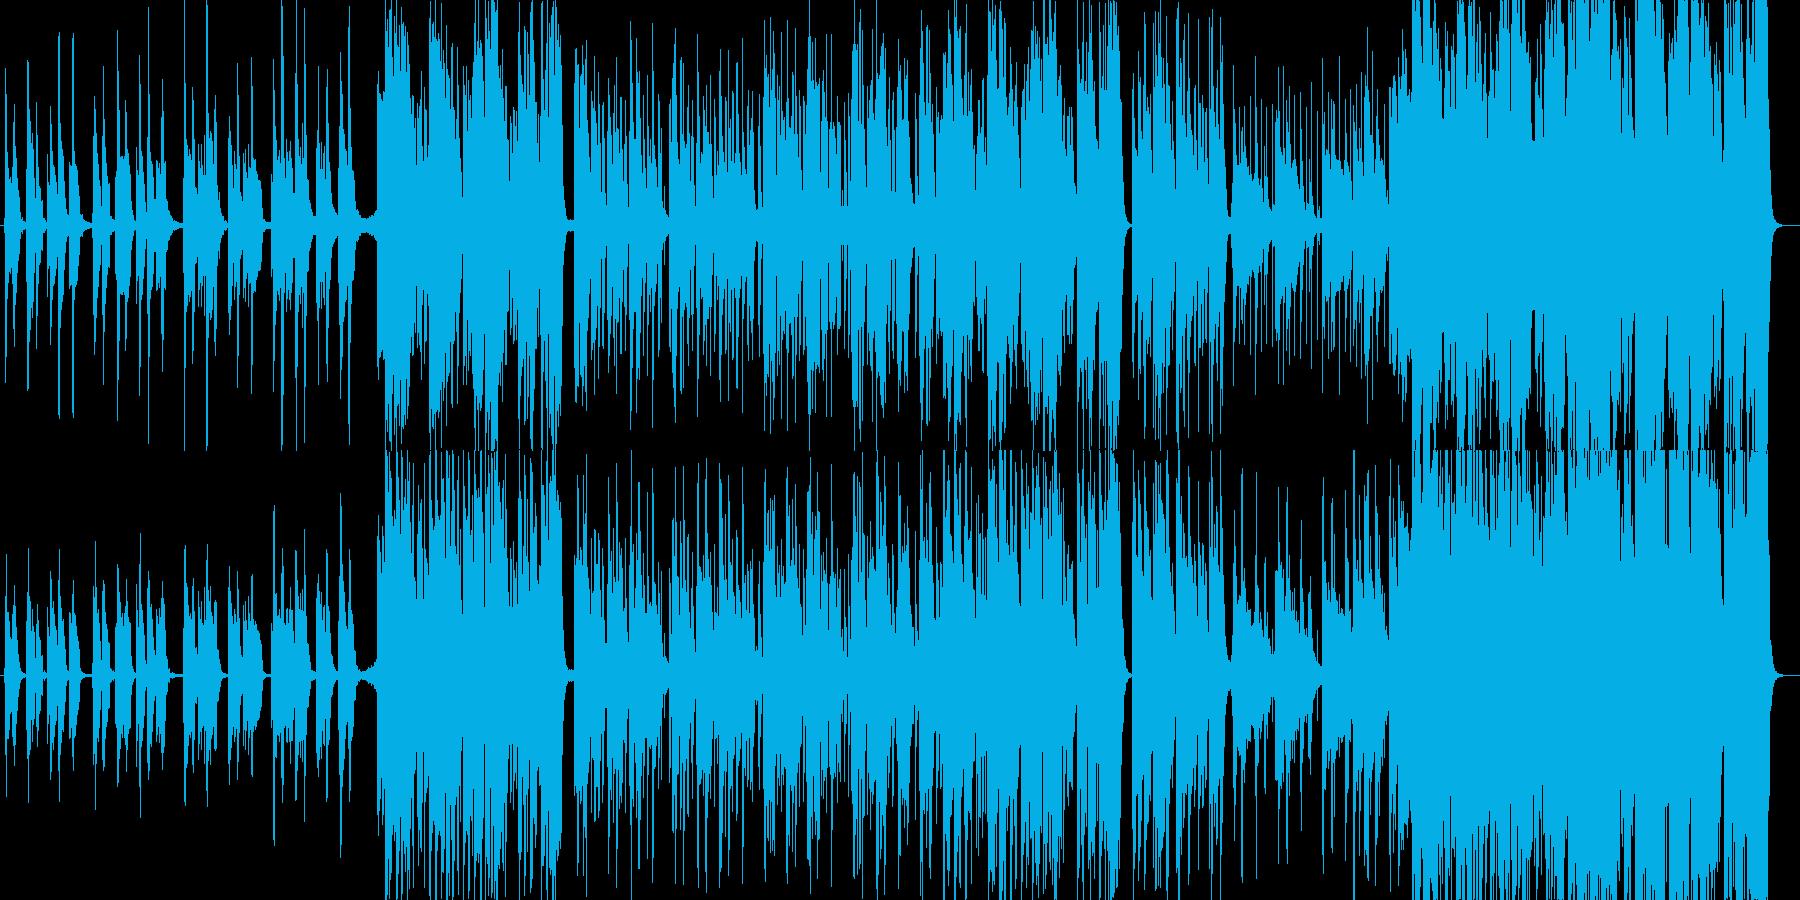 切ない過ぎるバラードの再生済みの波形